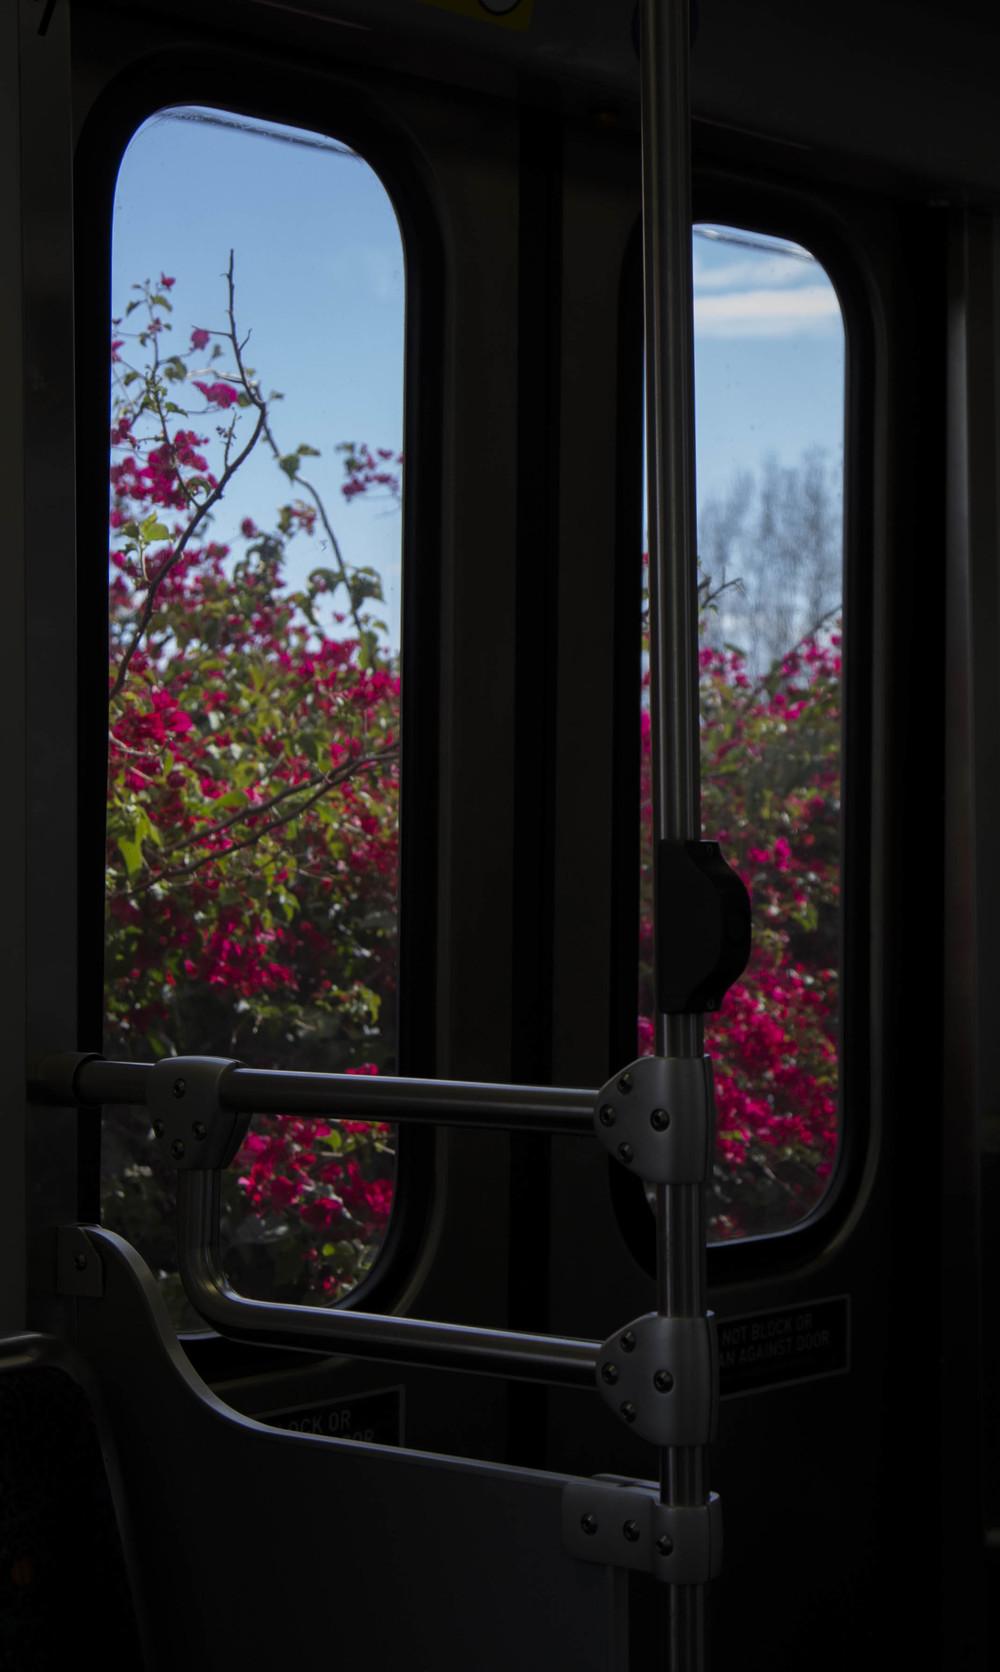 Bougainvillea just outside the window